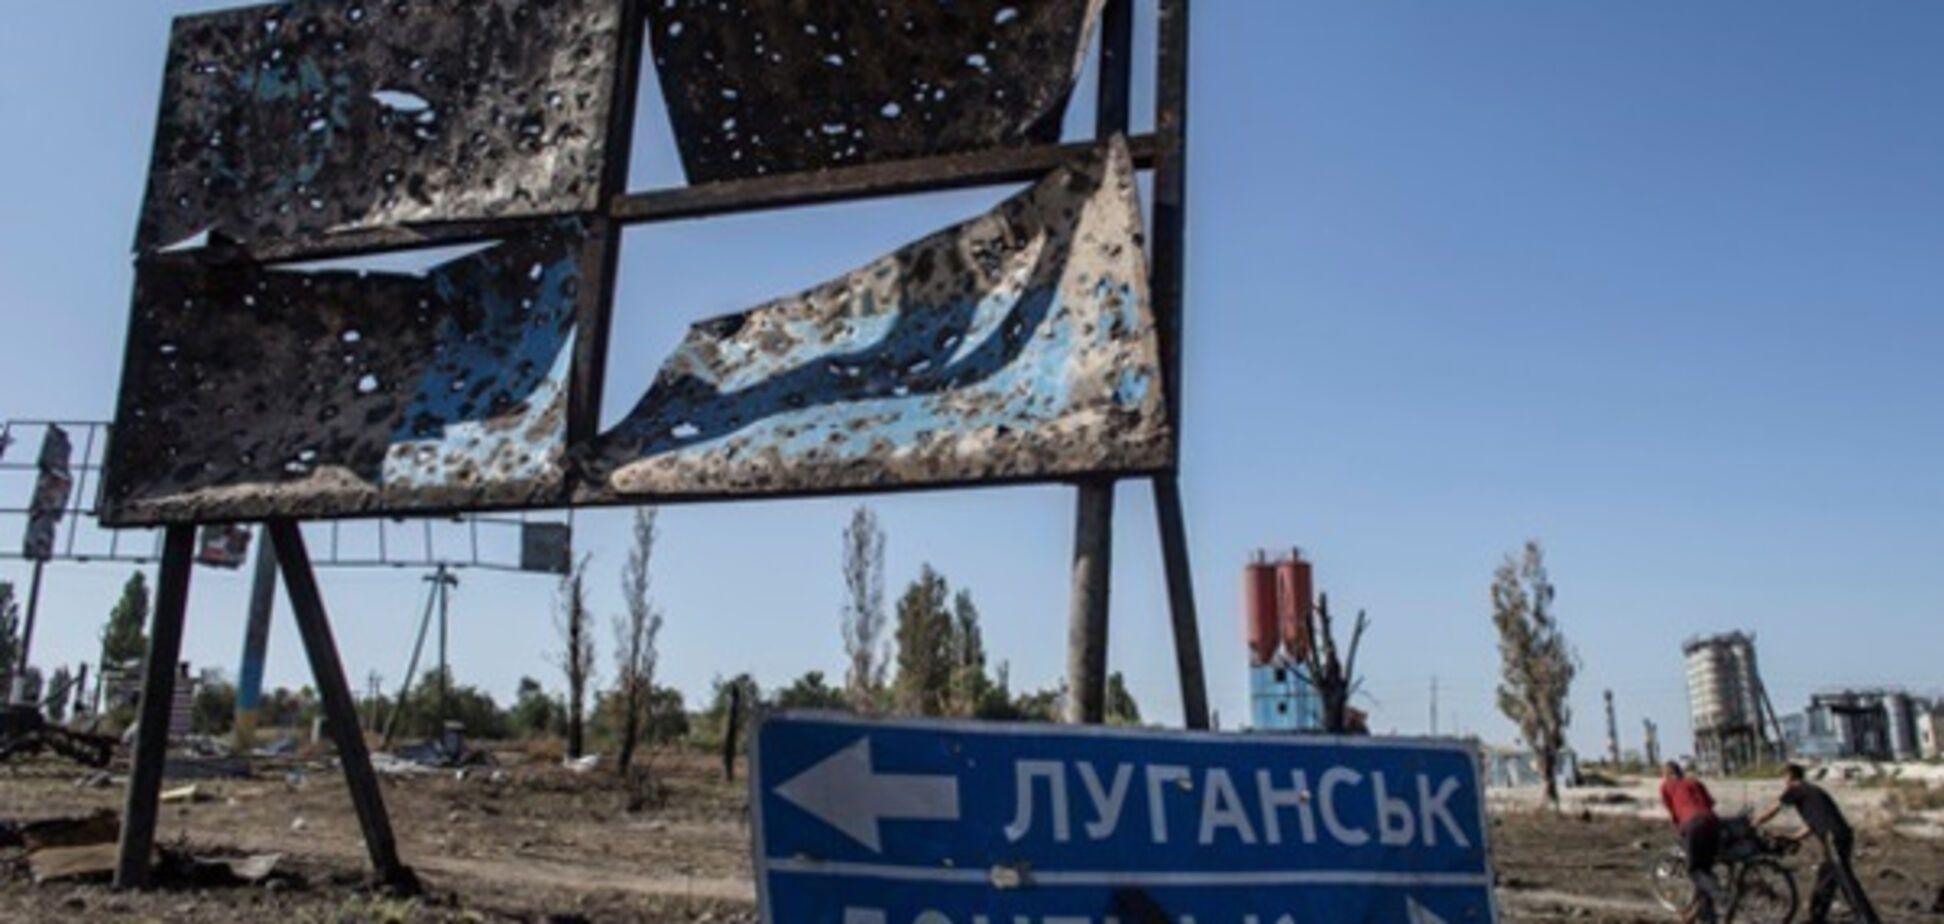 Луганск, Донецк